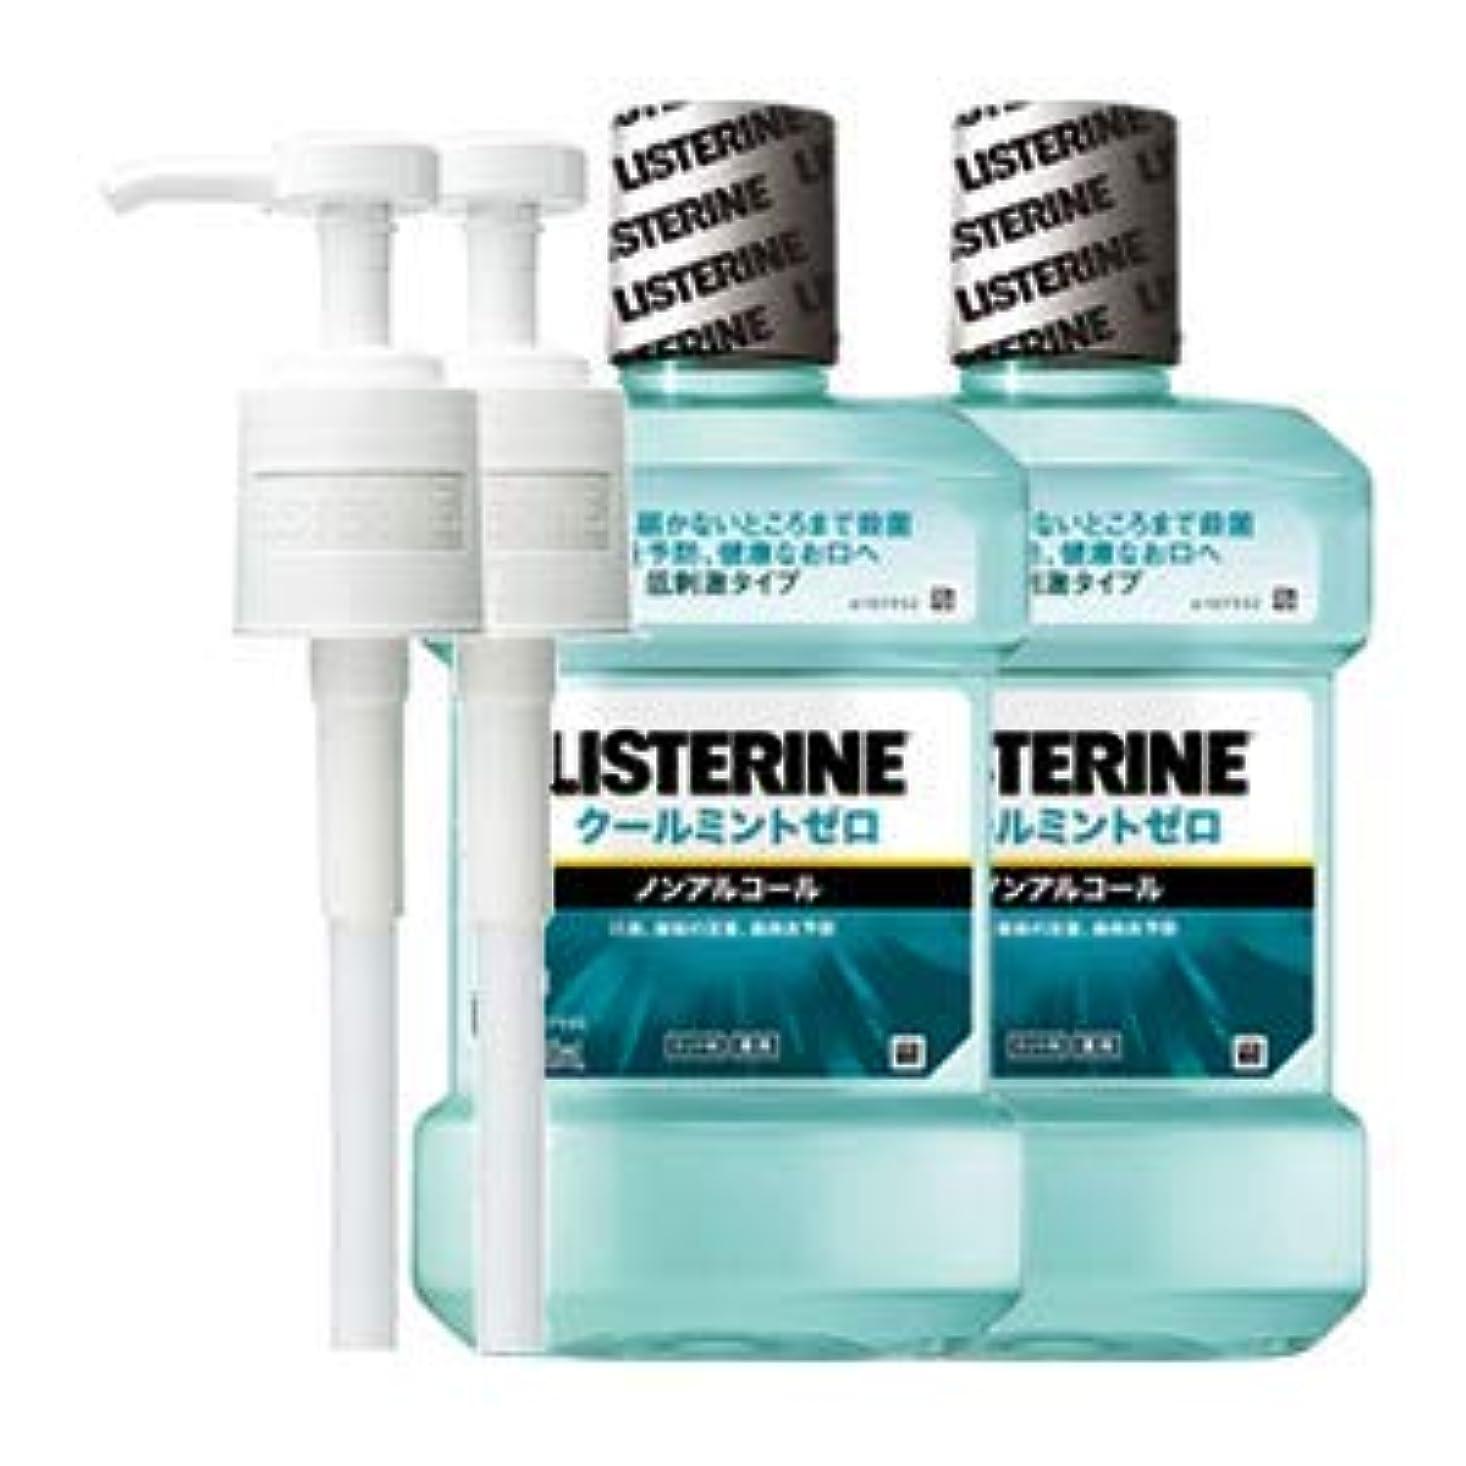 アミューズ保険リース薬用 リステリン クールミント ゼロ (マウスウォッシュ/洗口液) 1000mL 2点セット (ポンプ付)